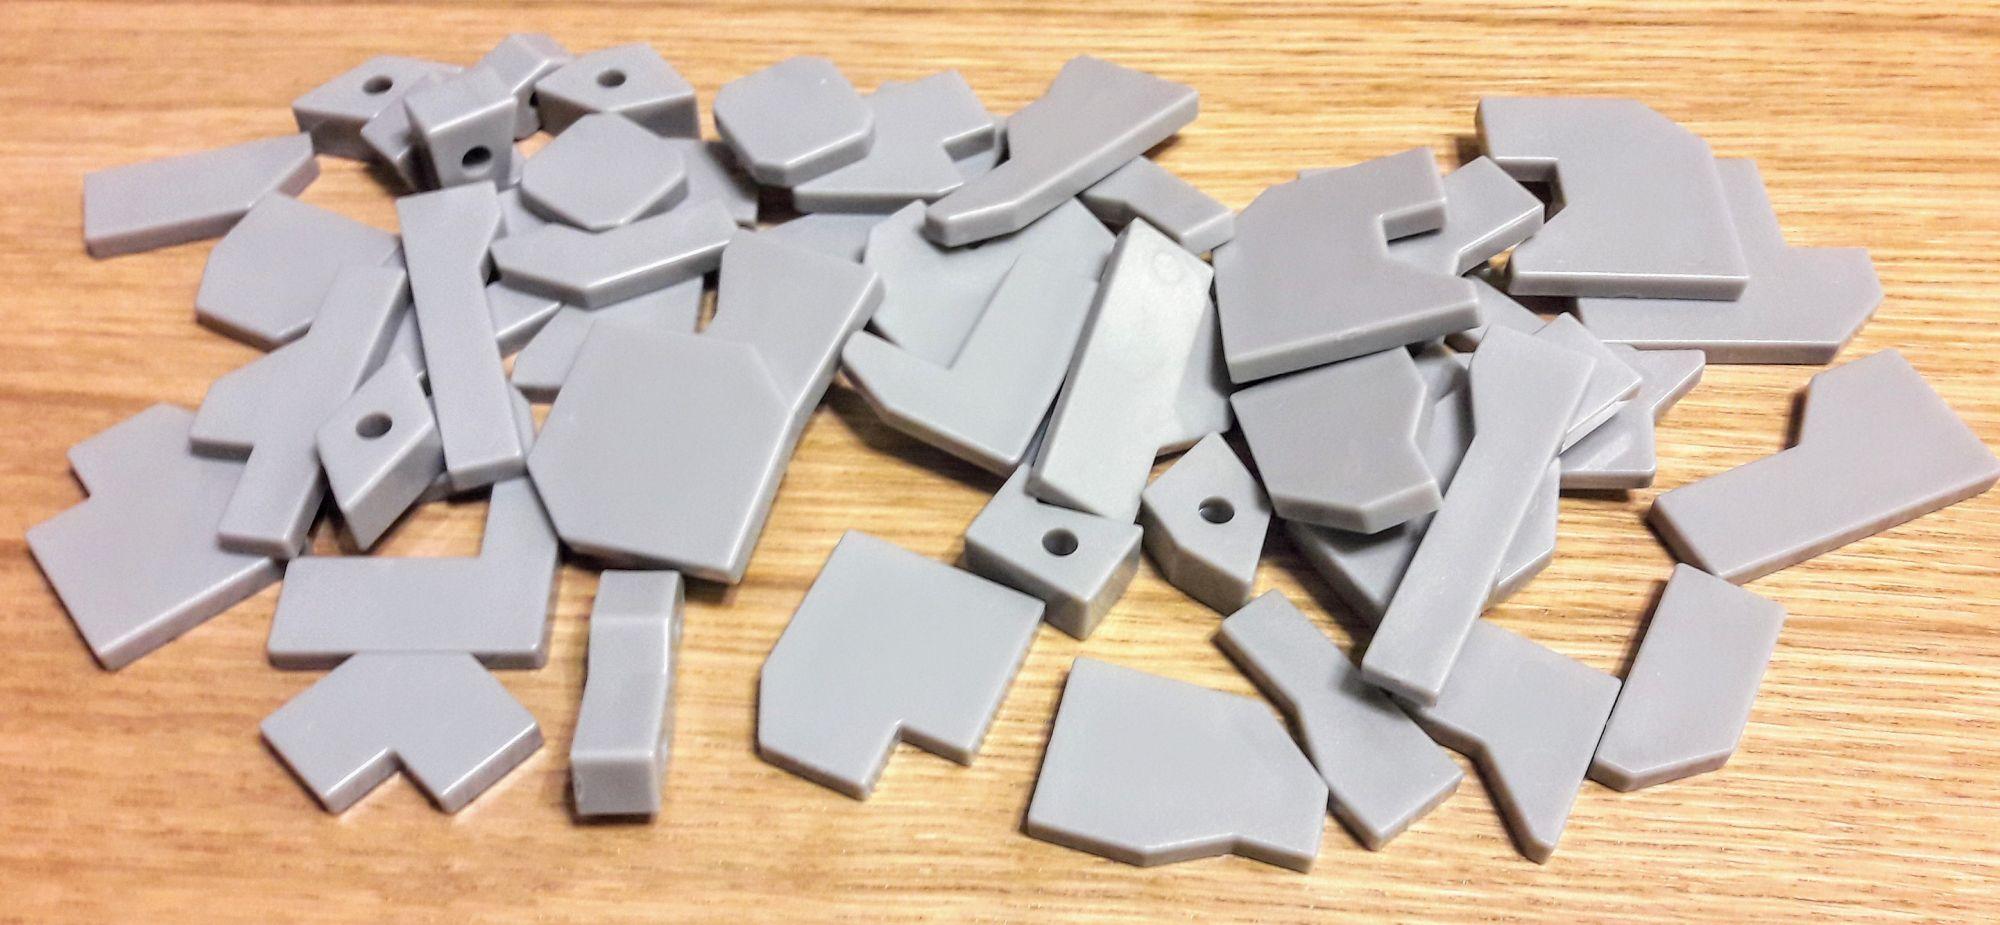 Oui ils sont en plastique mais gris alors...